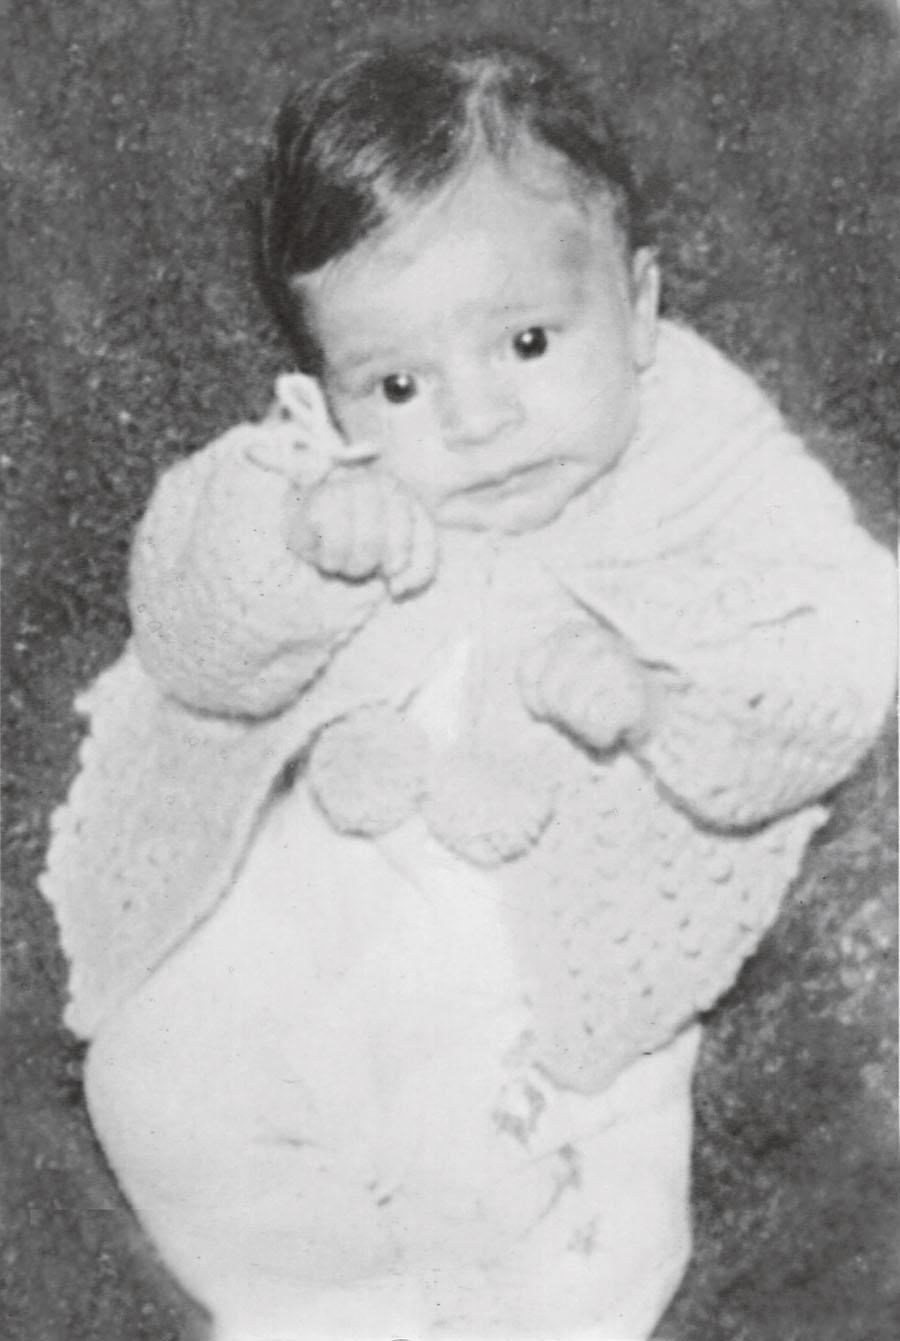 A bebê Grazi, que nasceu em um bairro simples de Jacarezinho, no Paraná